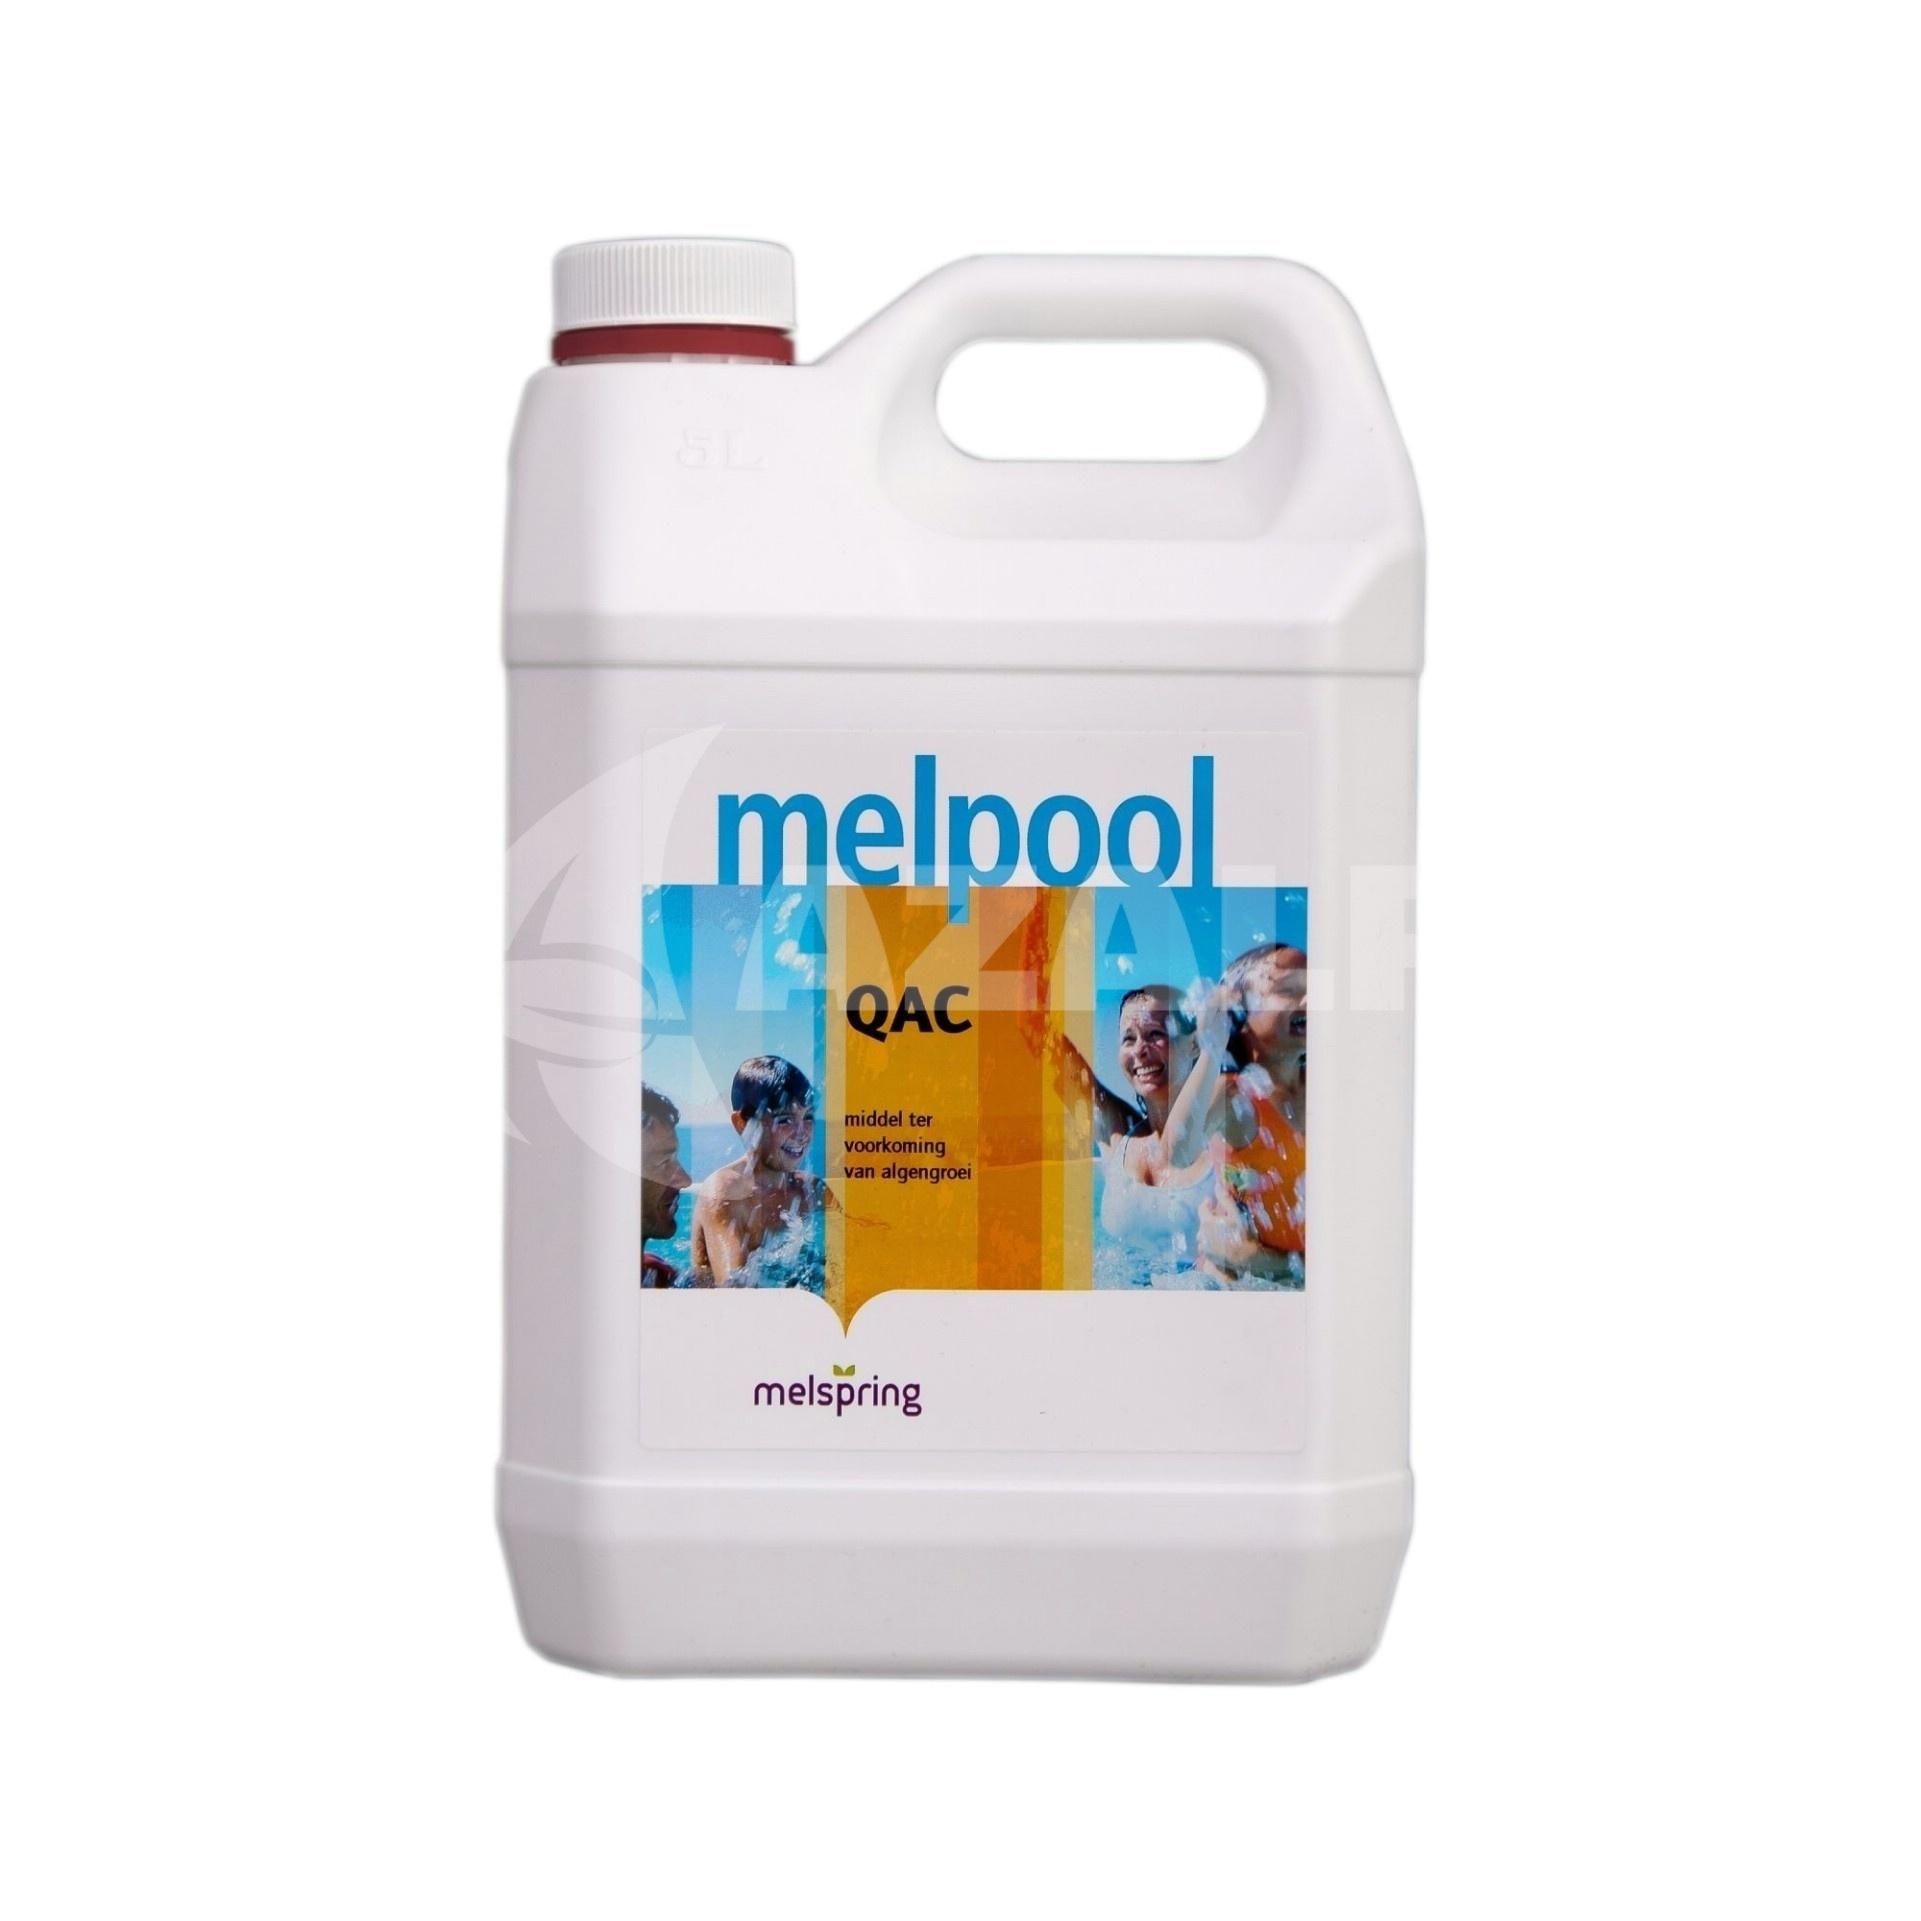 melpool qac berwinterungsmittel 5 liter kaufen bei. Black Bedroom Furniture Sets. Home Design Ideas